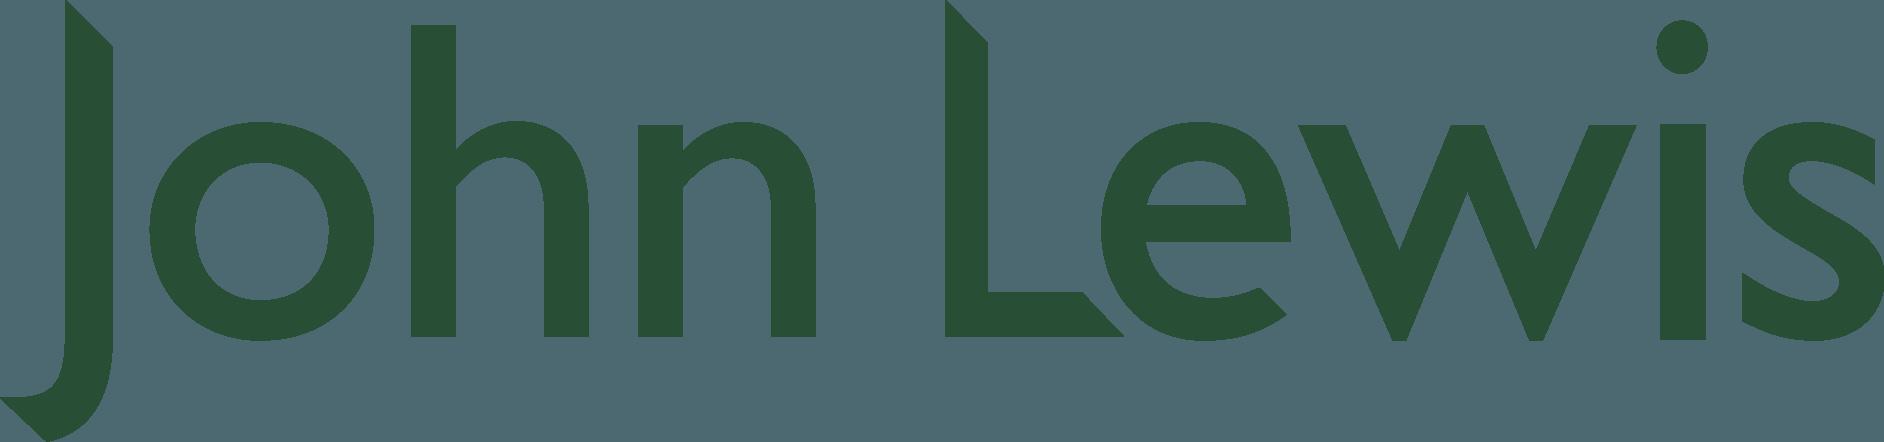 John Lewis Logo png